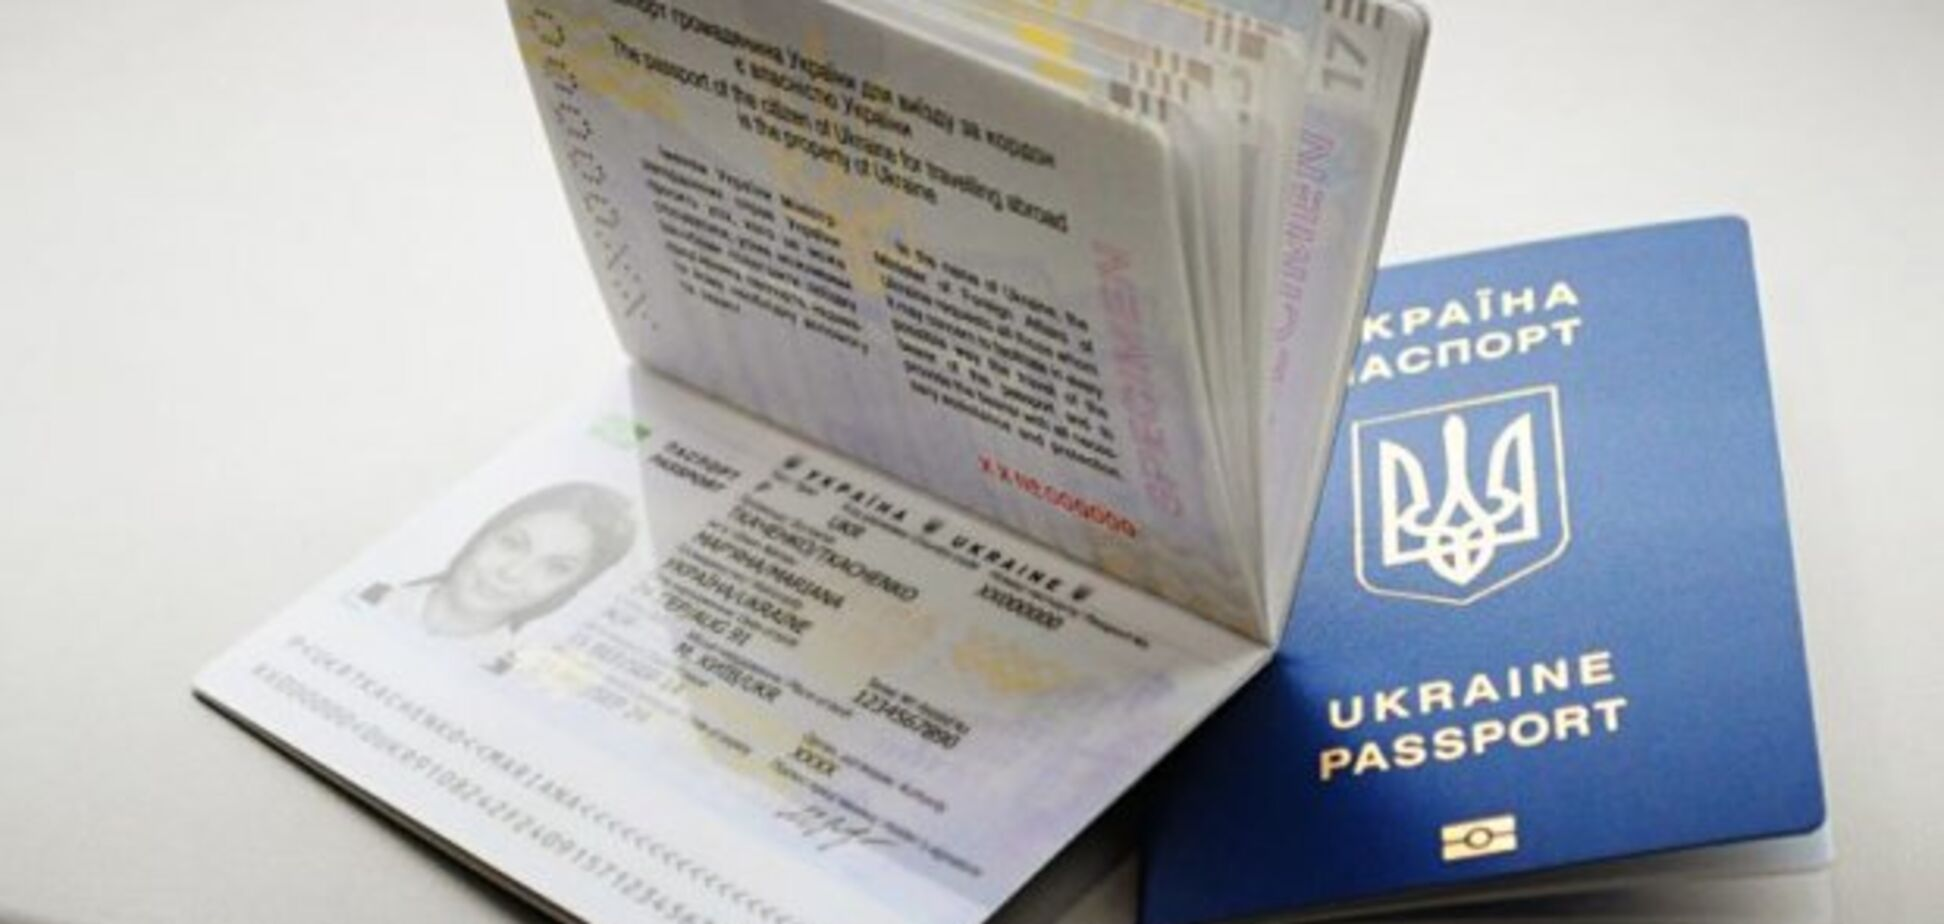 'Я аж зиганул': сеть до слез рассмешило фото украинского 'биометрического паспорта'